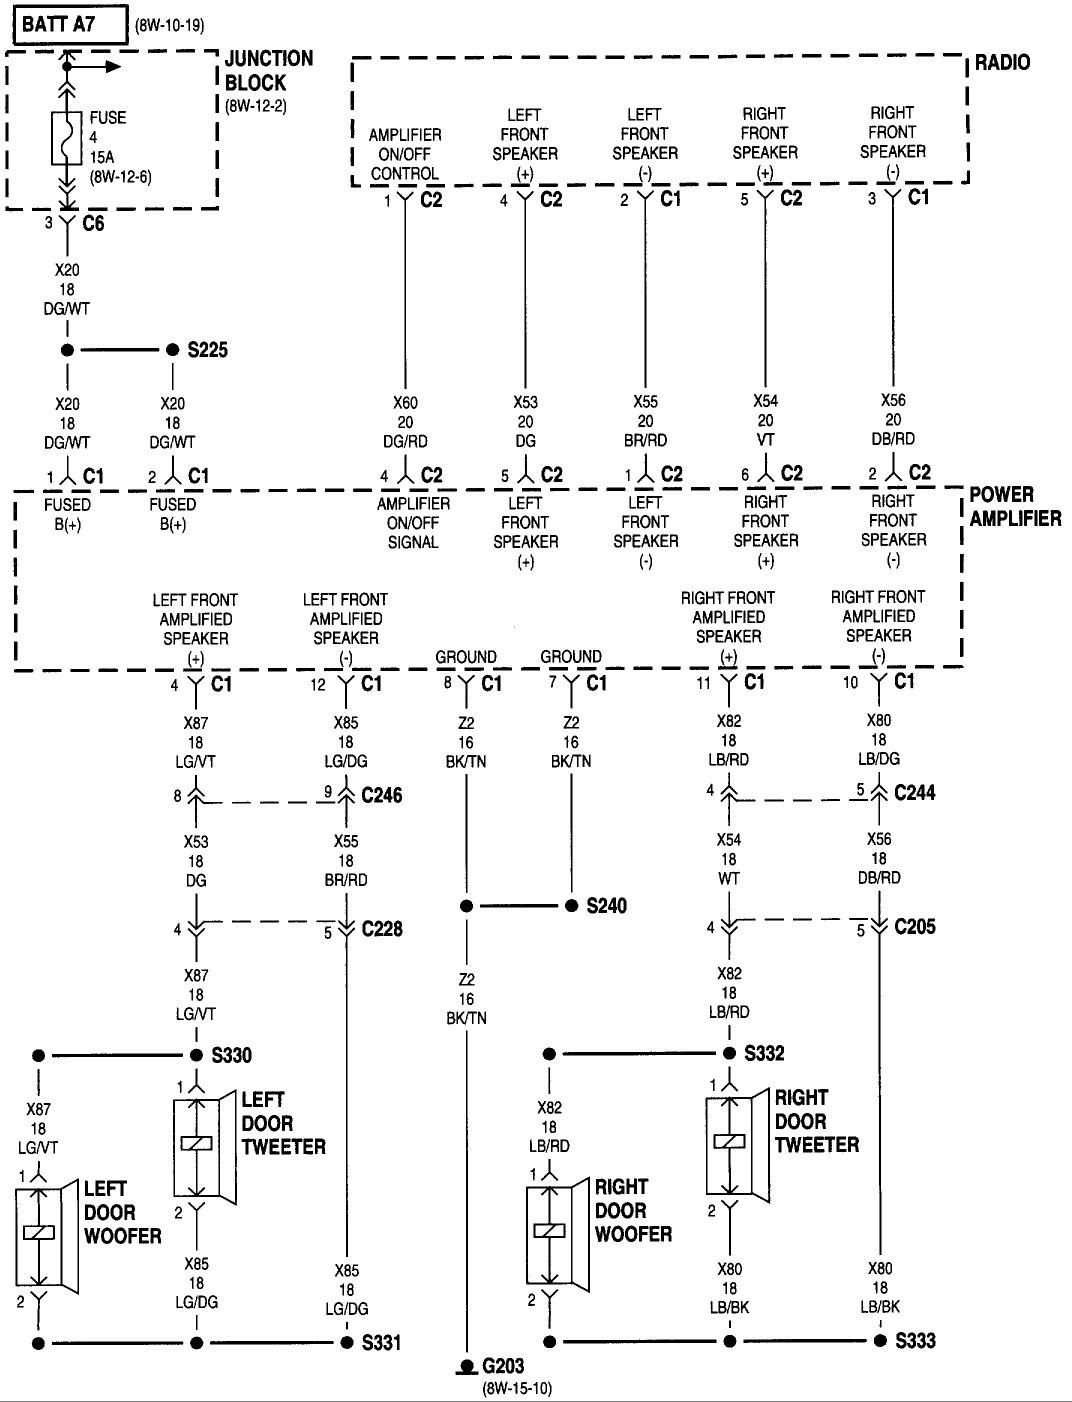 dodge caravan radio wire harness schematic